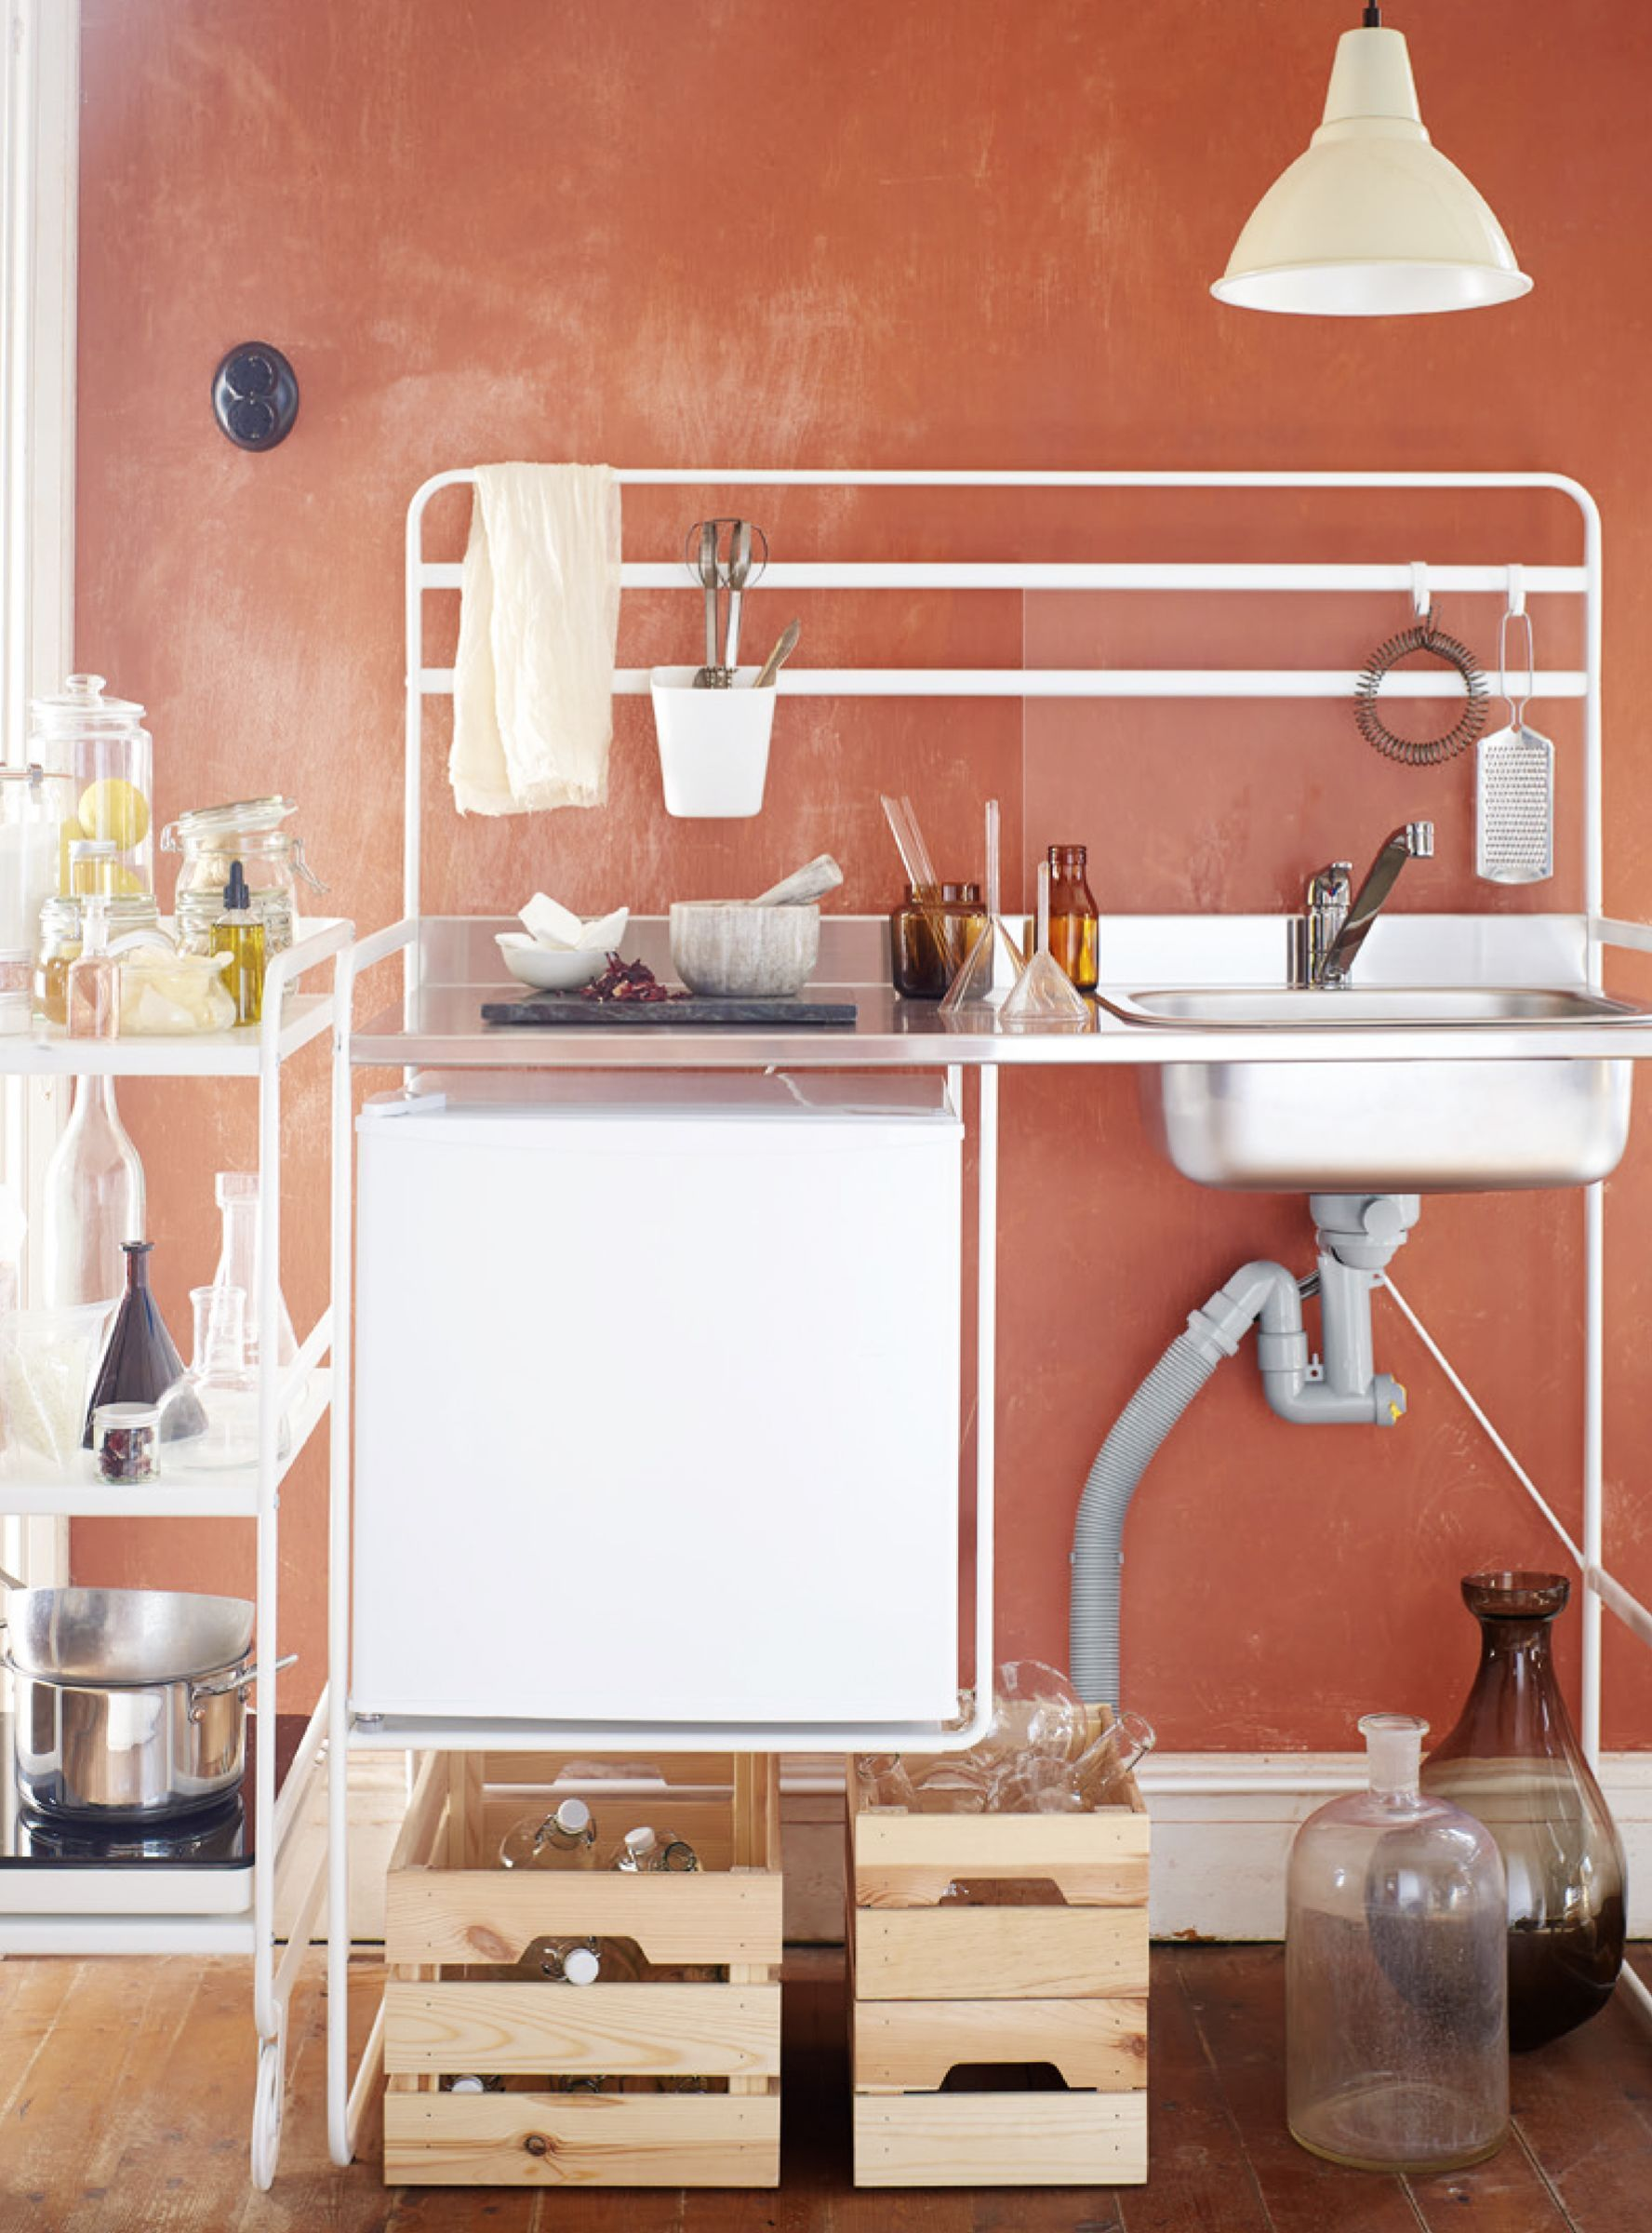 Ikea Sunnersta MiniKüche für 100€ Mini kitchen